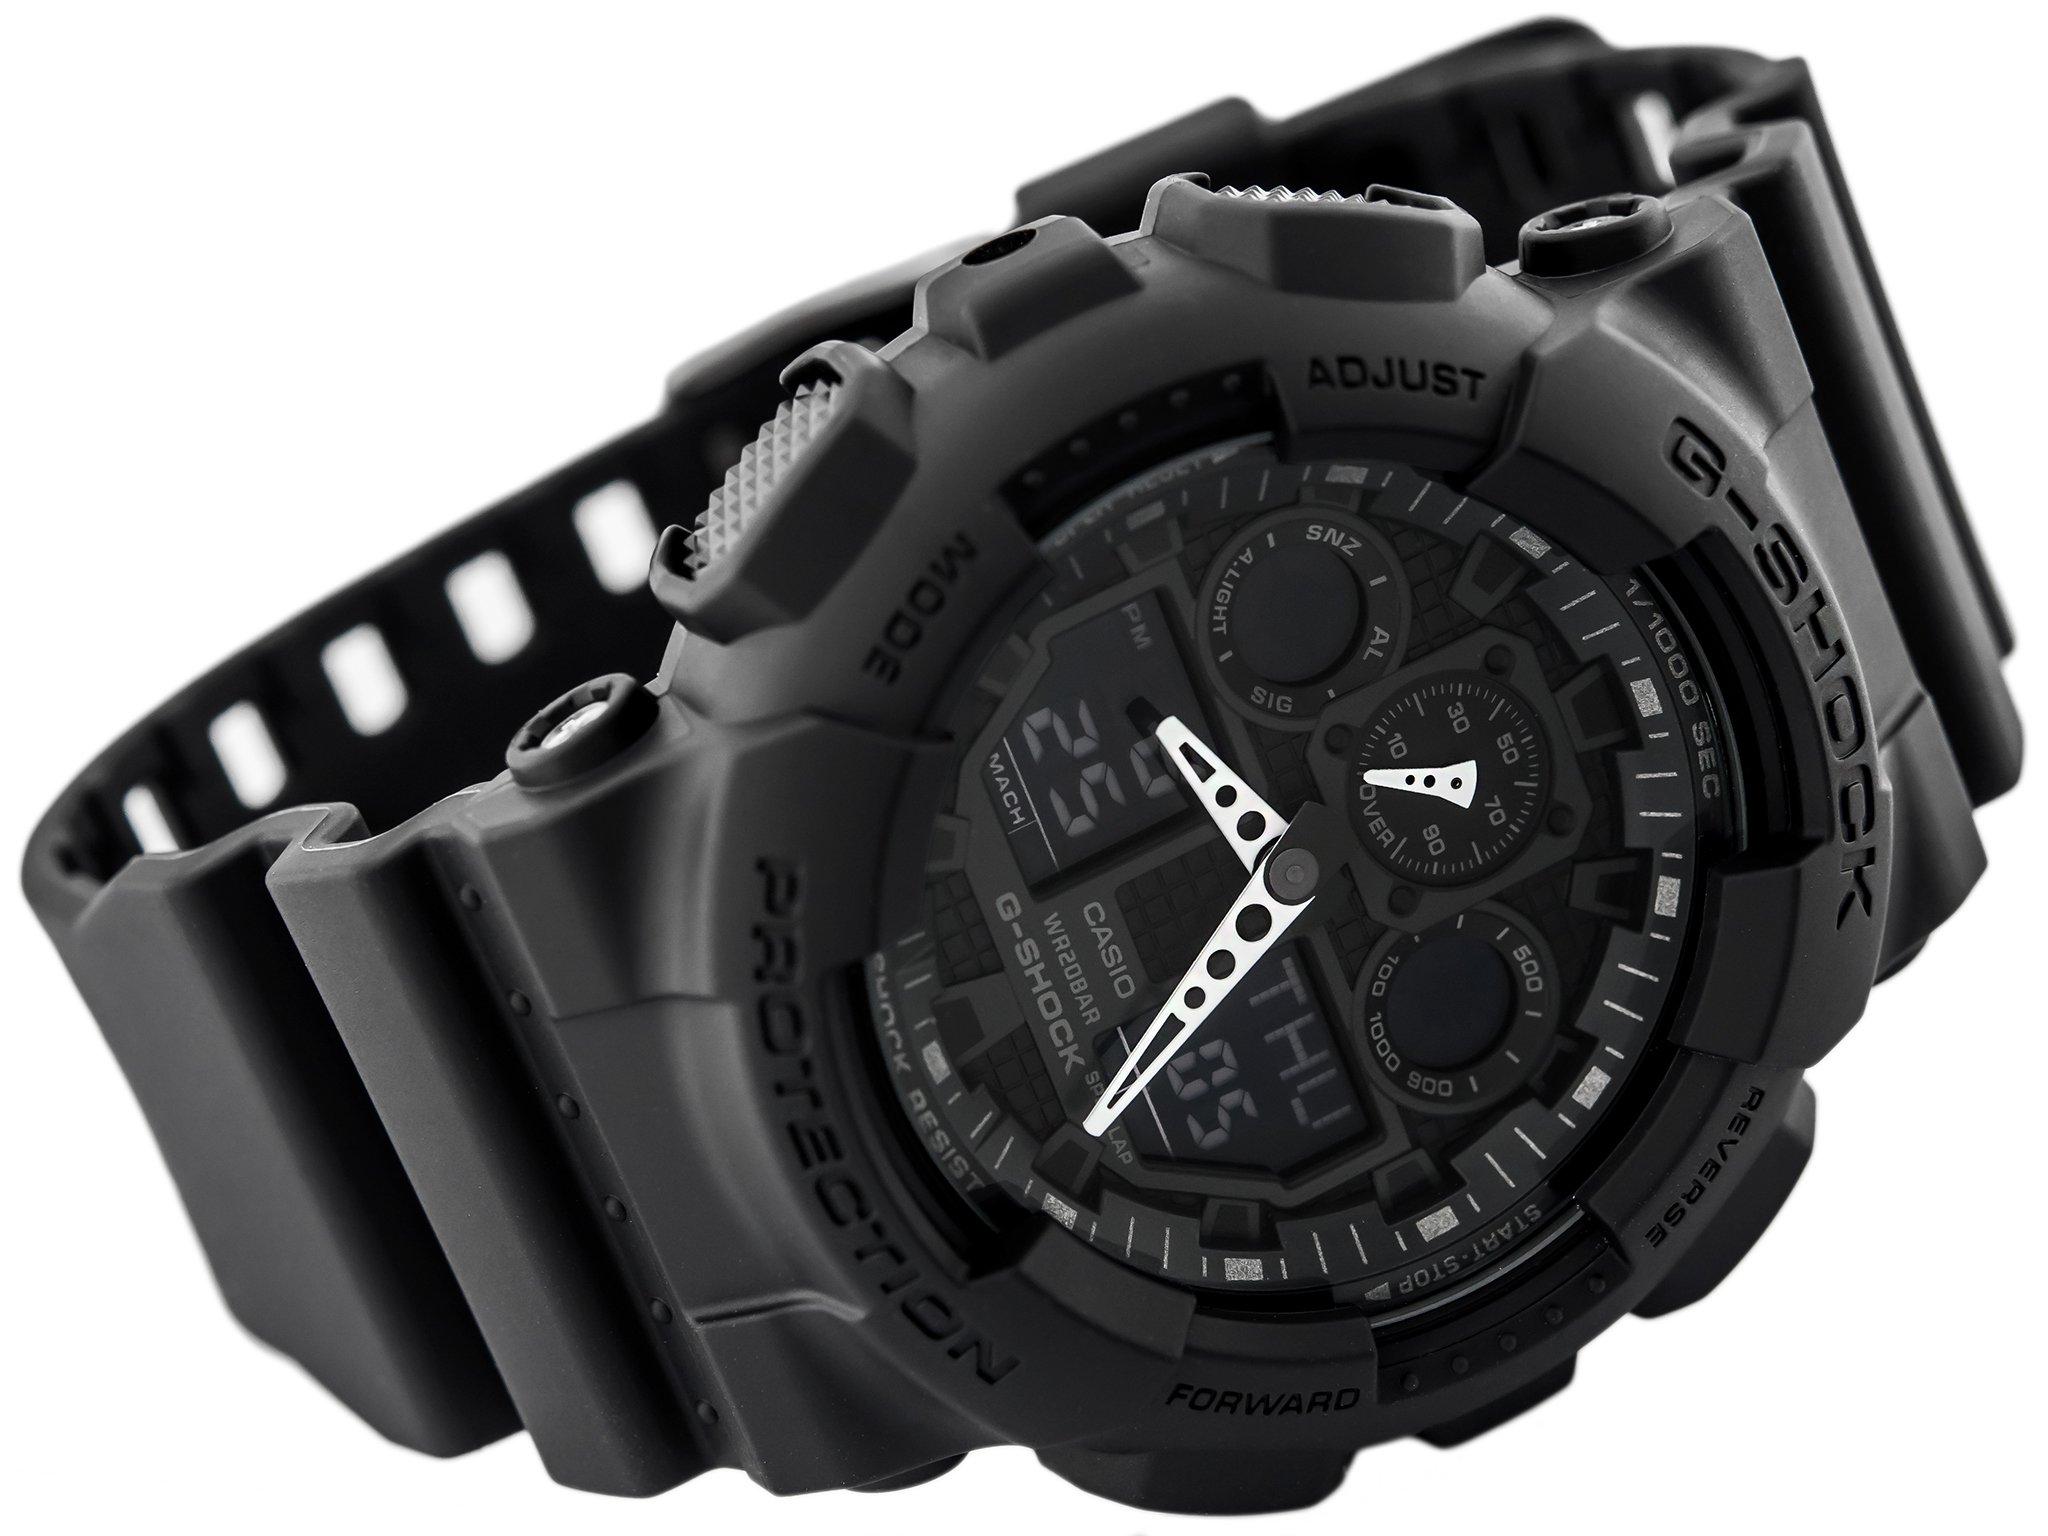 Zegarek Mski Casio Ga 100 1a1 34900 Z Cena Tanio Najtaniej Opinie G Shock 110gw 7a